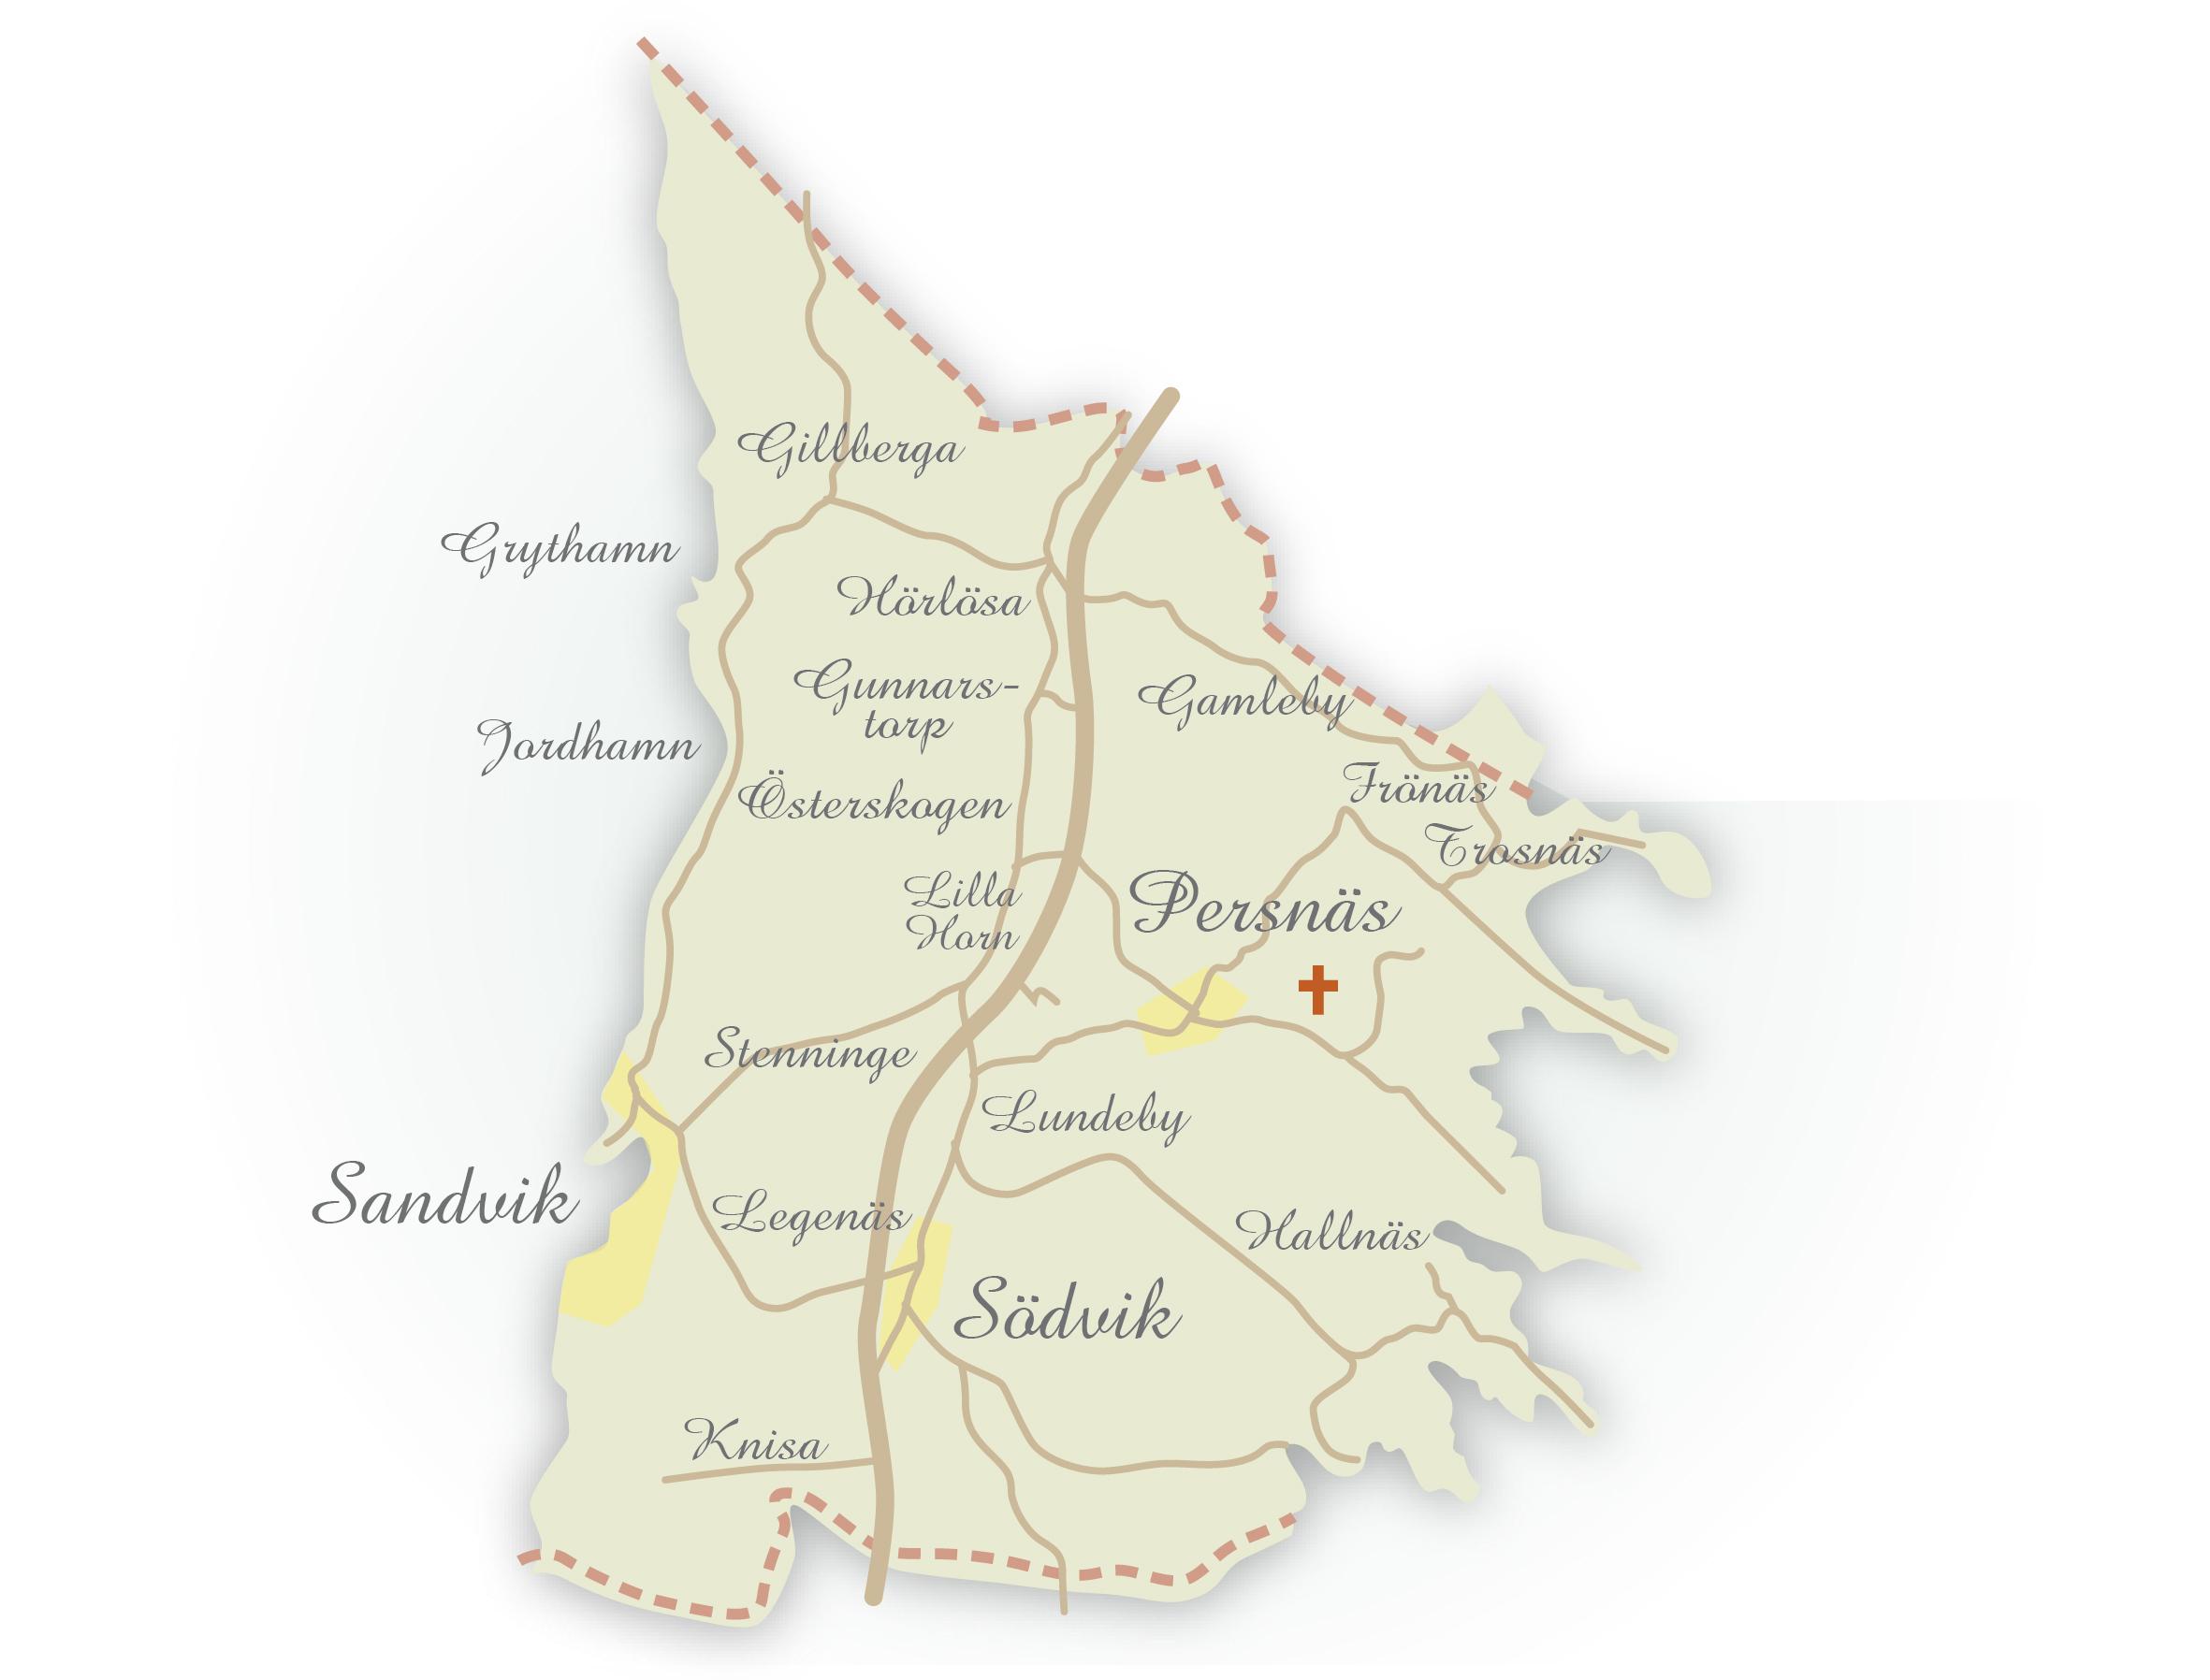 Karta över alla byar i Persnäs socken, norra Öland